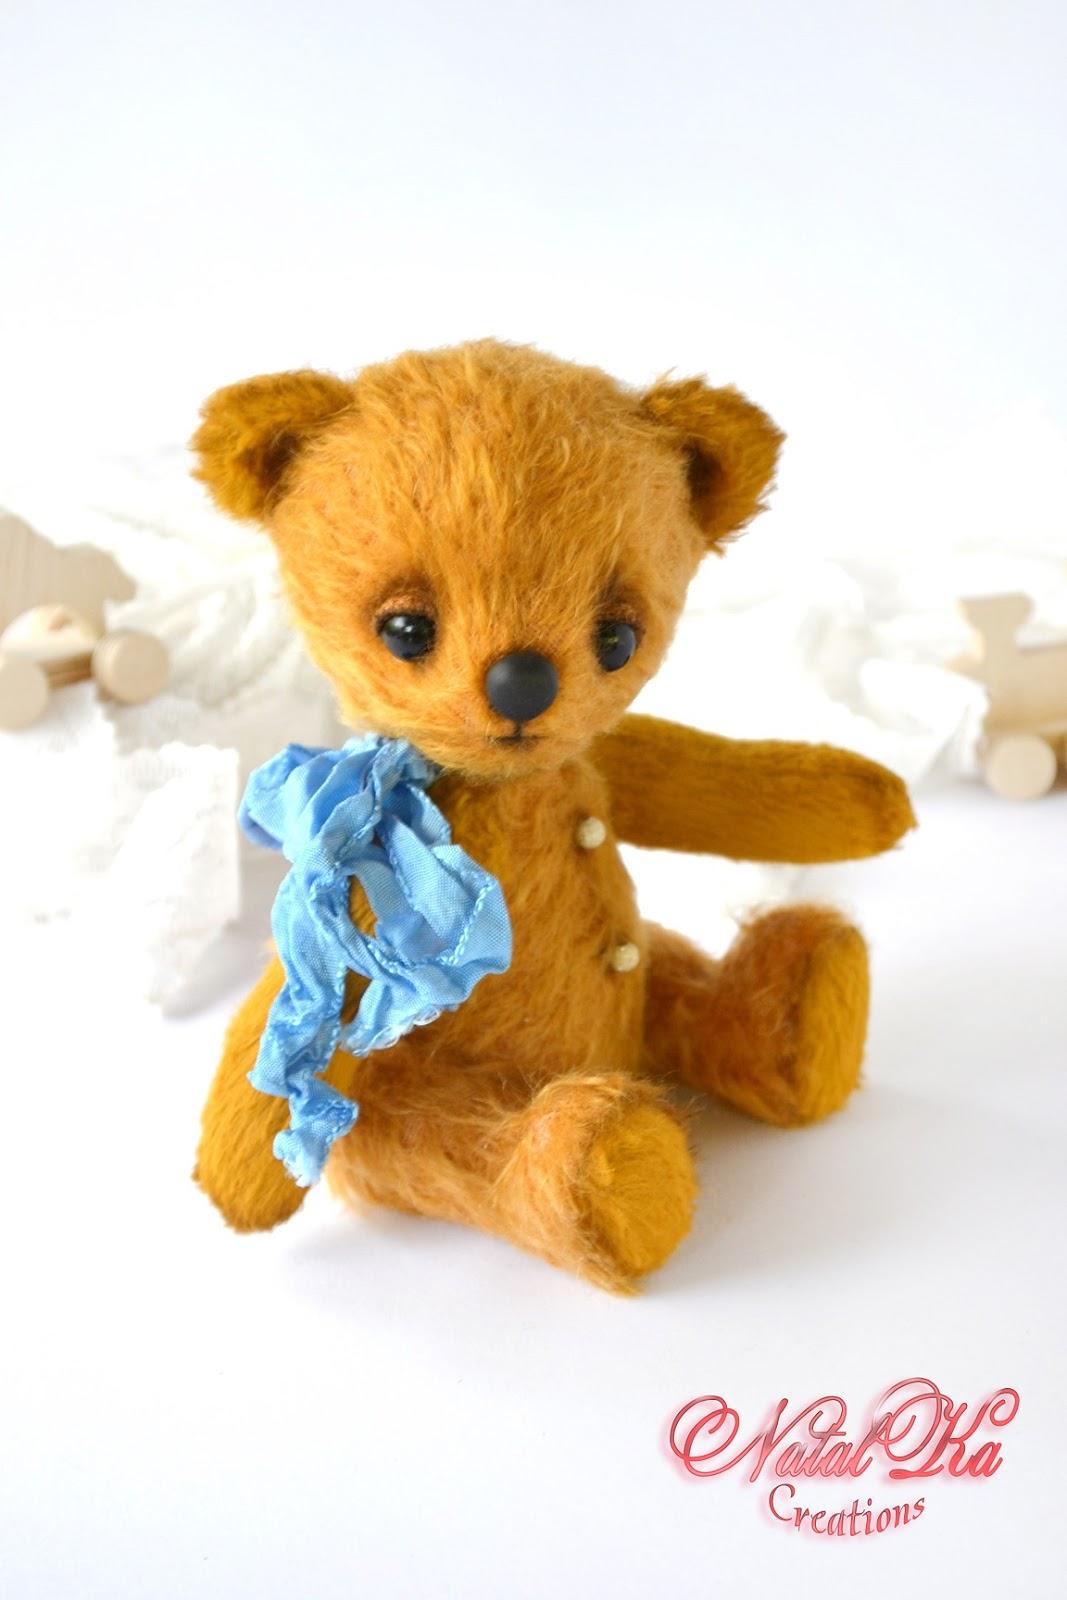 Авторский медведь мишка медвежонок тедди из мохера ручной работы от NatalKa Creations. Künstlerbär Teddybär Sammlerbär Bär Teddy handgemacht aus Mohair von NatalKa Creations